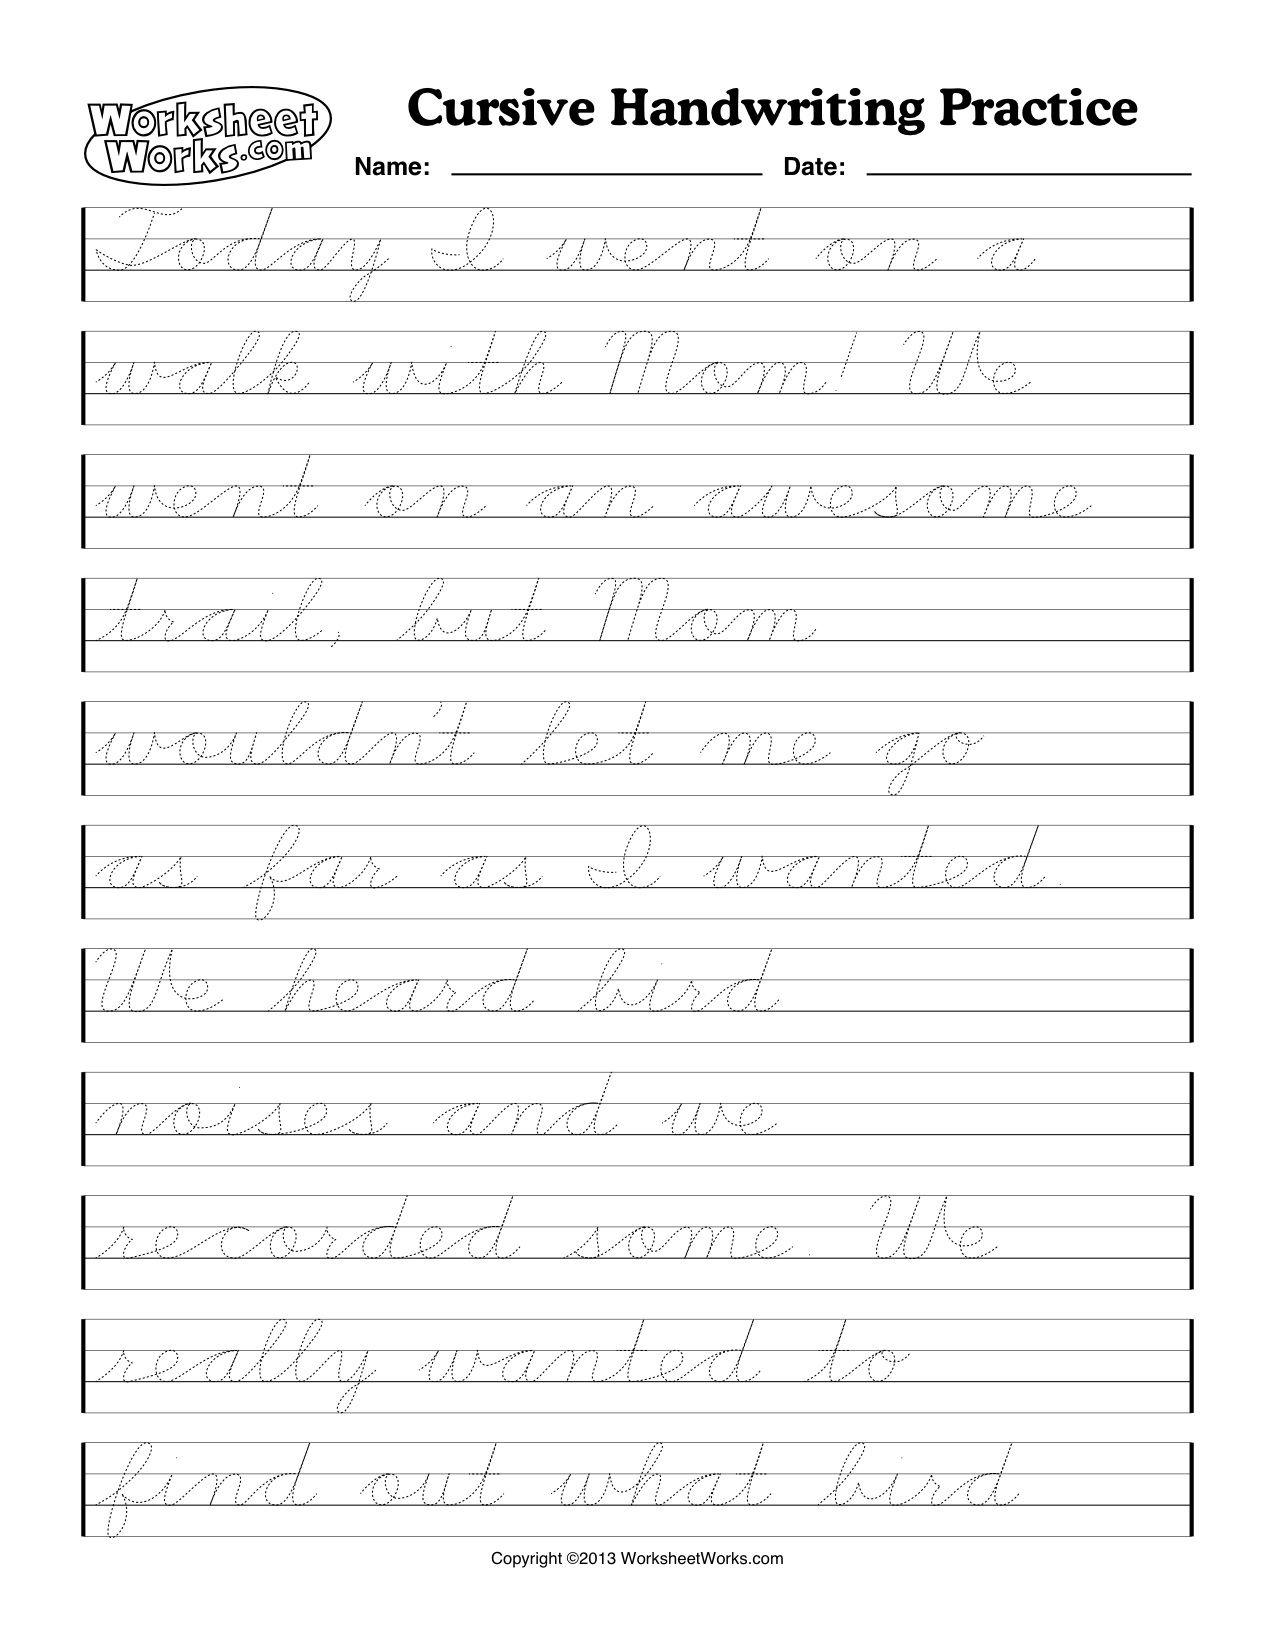 Printable Cursive Writing Paper - Koran.sticken.co | Printable Cursive Writing Worksheets